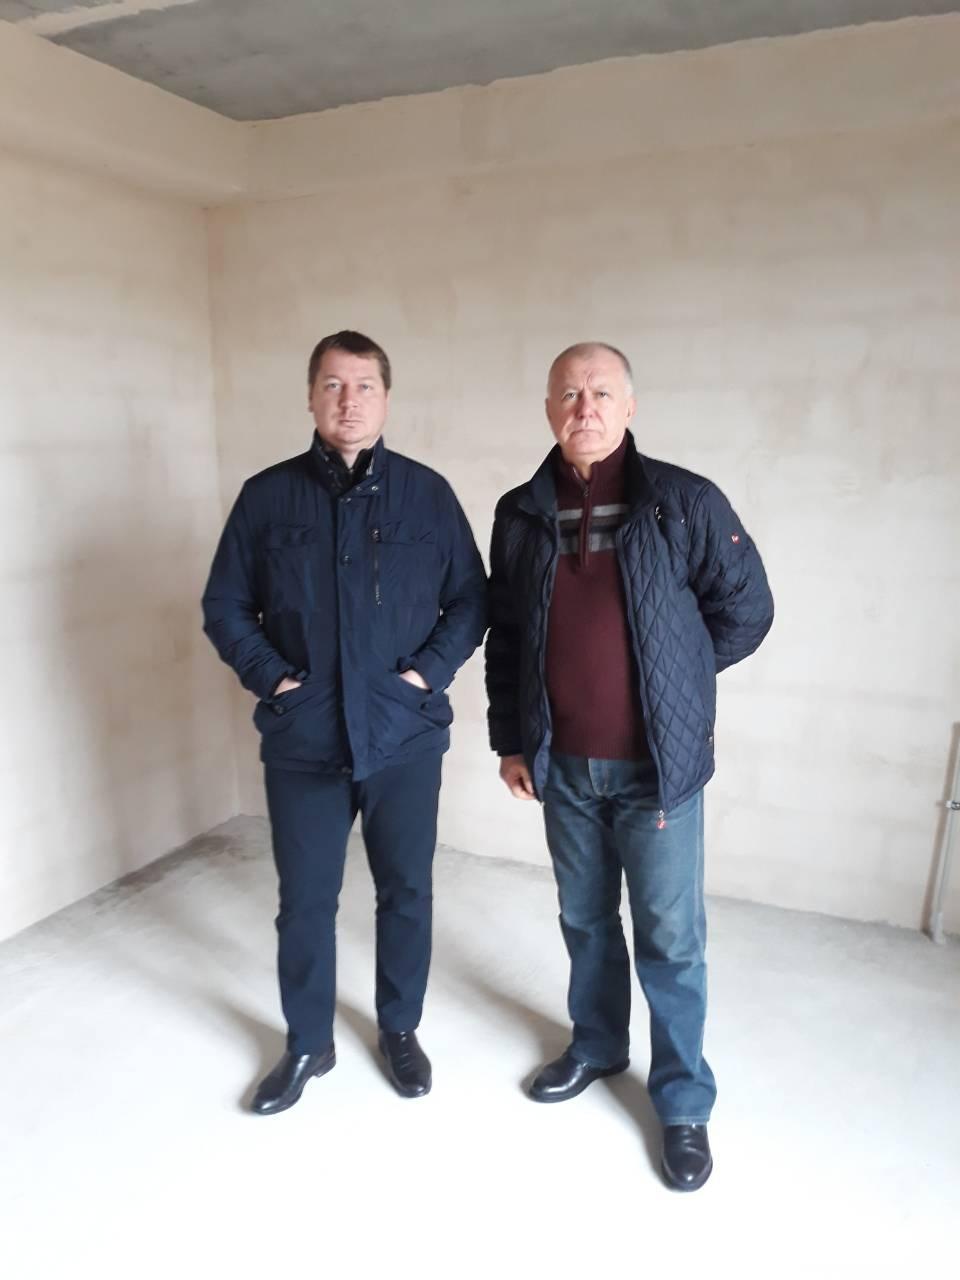 Відбувся візит голови Херсонської ОДА Гордєєва Андрія на будівельний майданчик Молодіжно-житлового комплексу